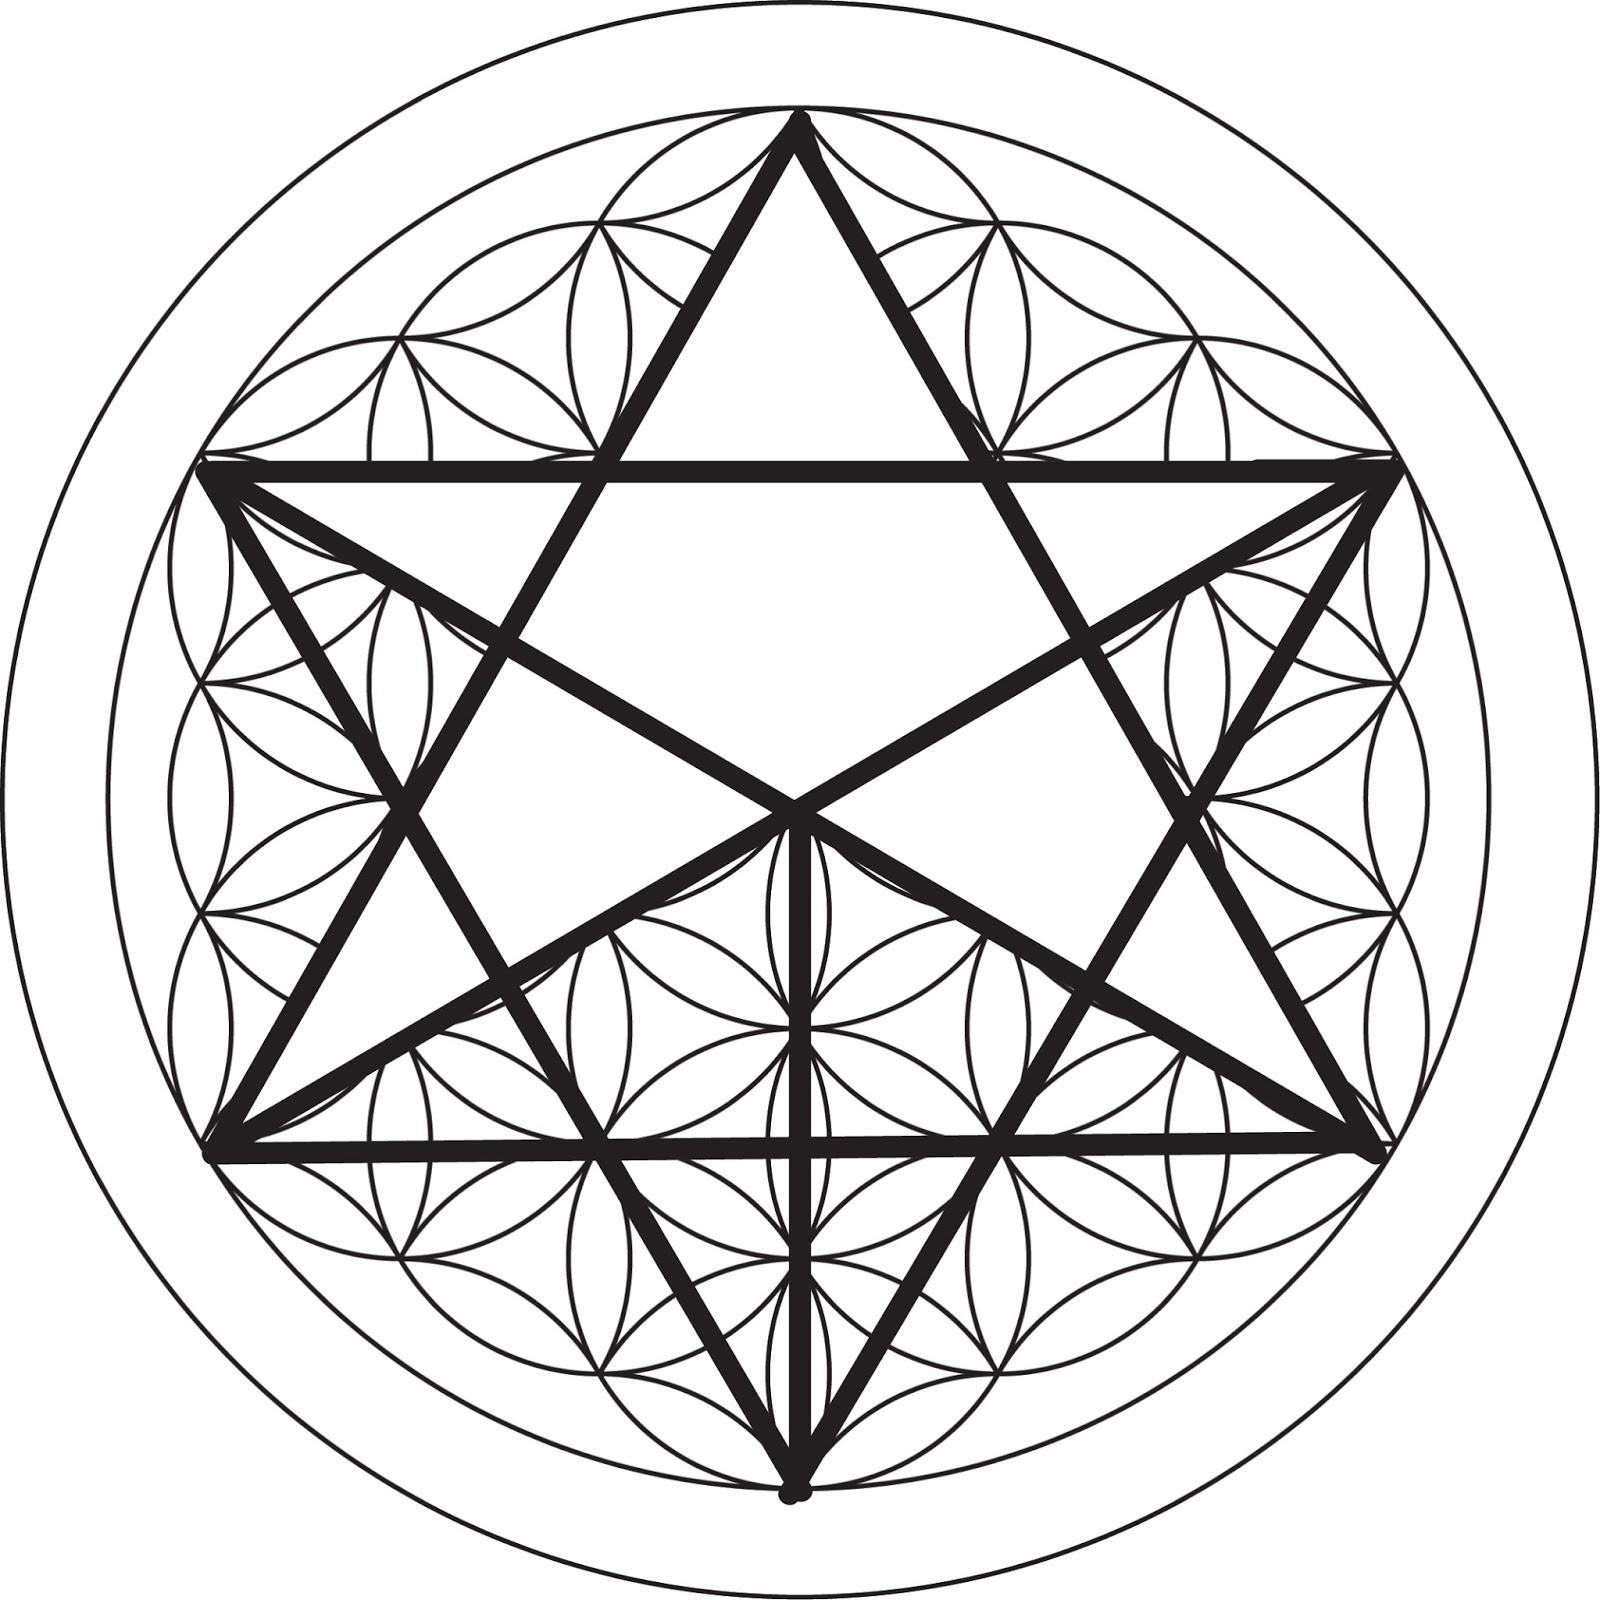 pentagram v merkaba.jpg (JPEG Image, 1600 × 1600 pixels